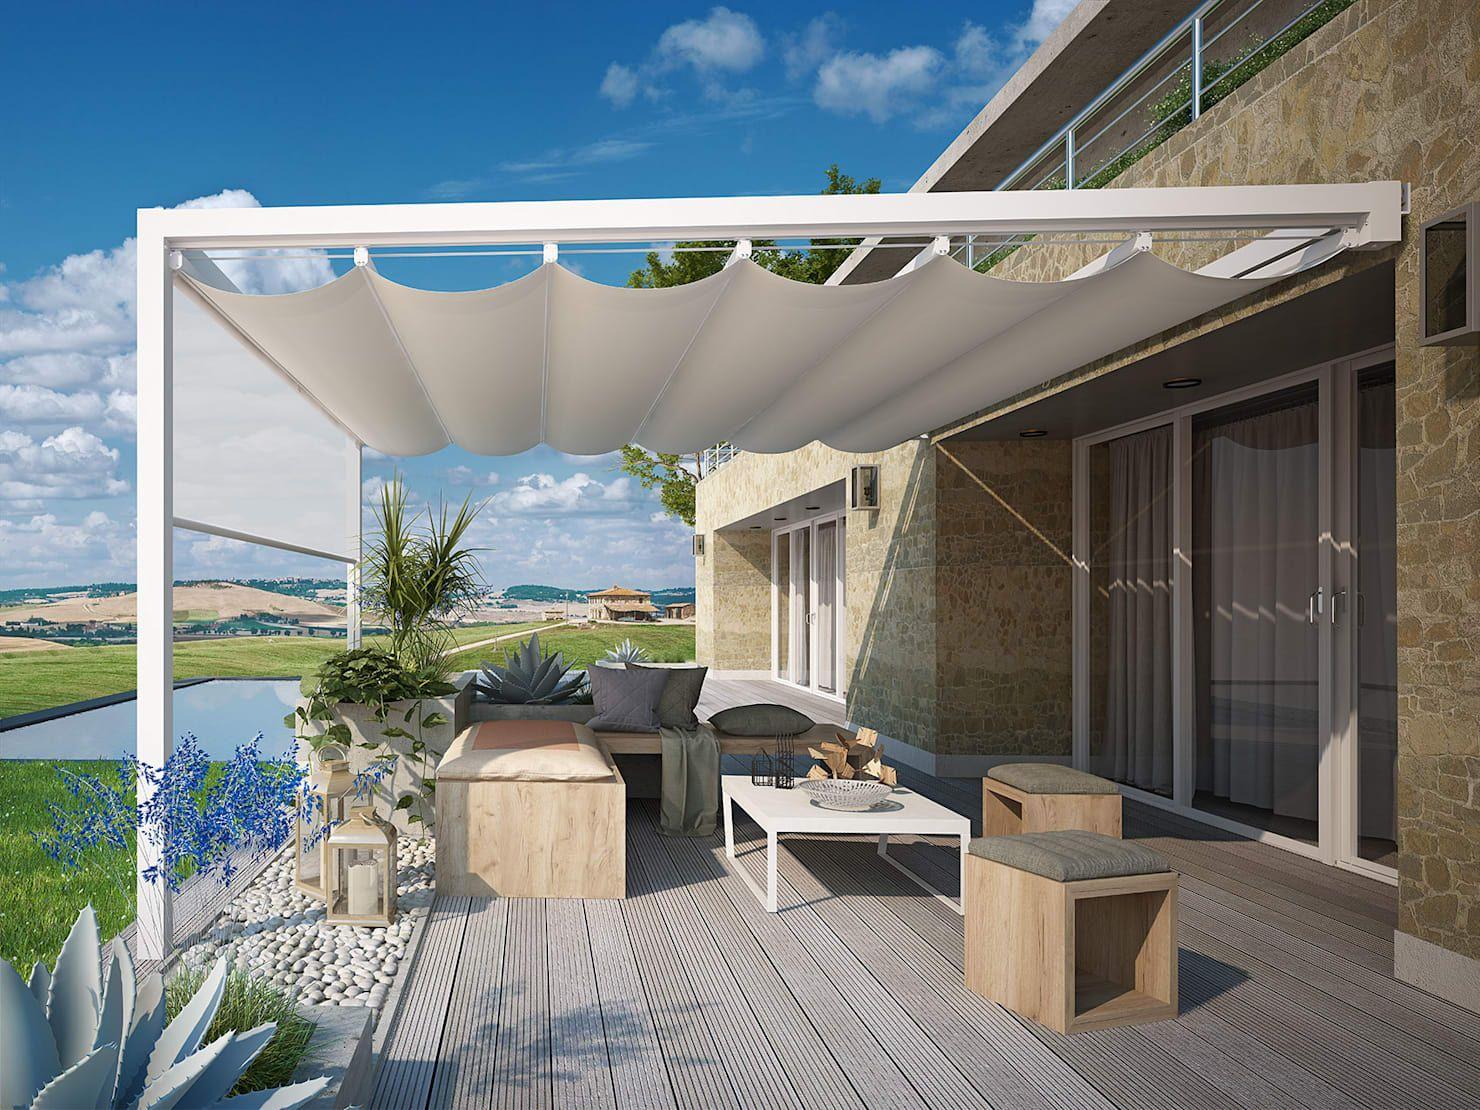 Pergolati In Legno Senza Permessi come fare una veranda chiusa senza permessi nel 2020